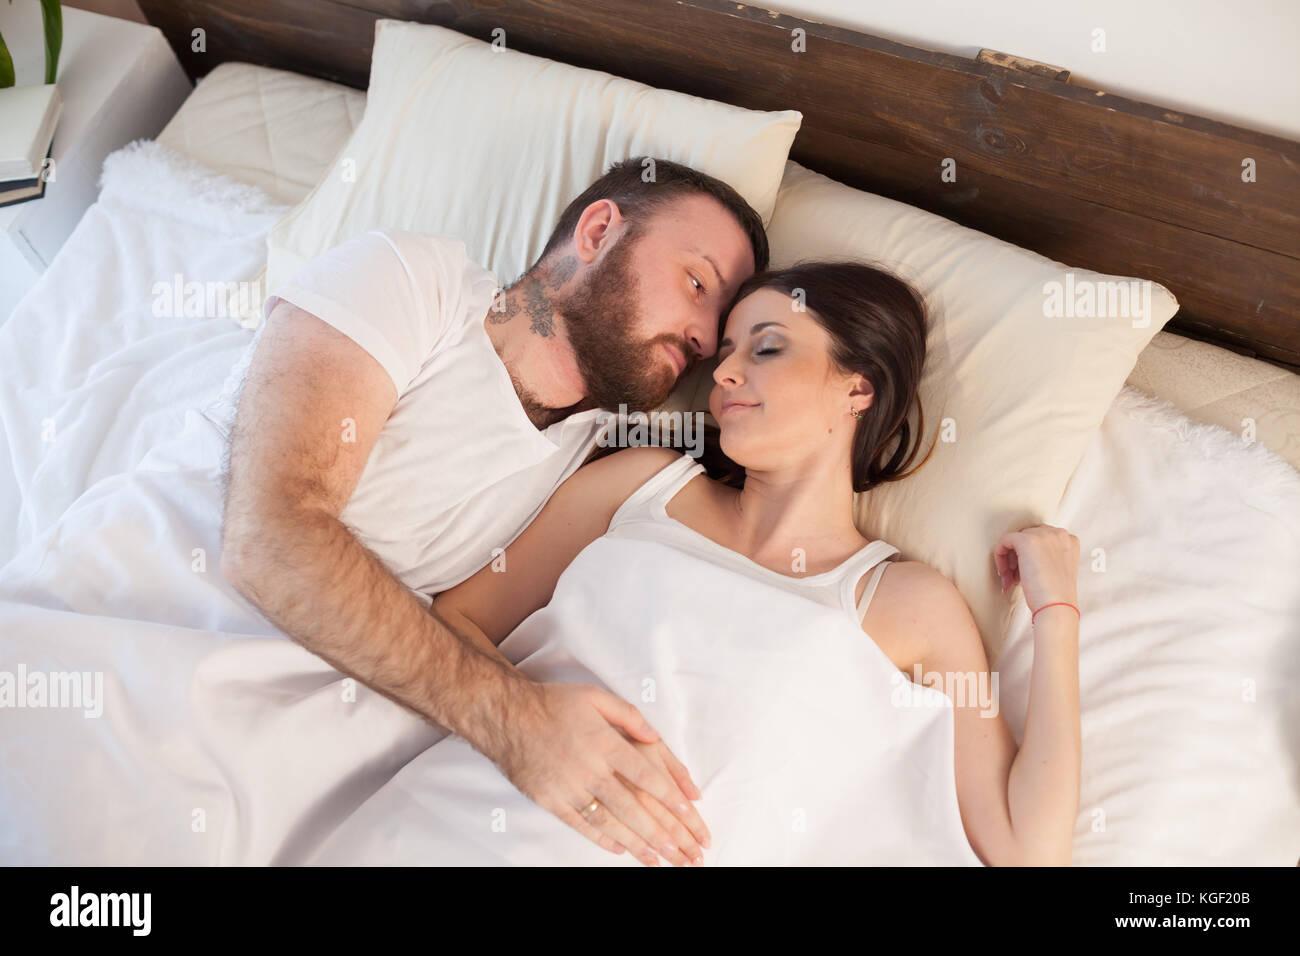 L'homme se réveille une femme dans la chambre le matin week-end Photo Stock